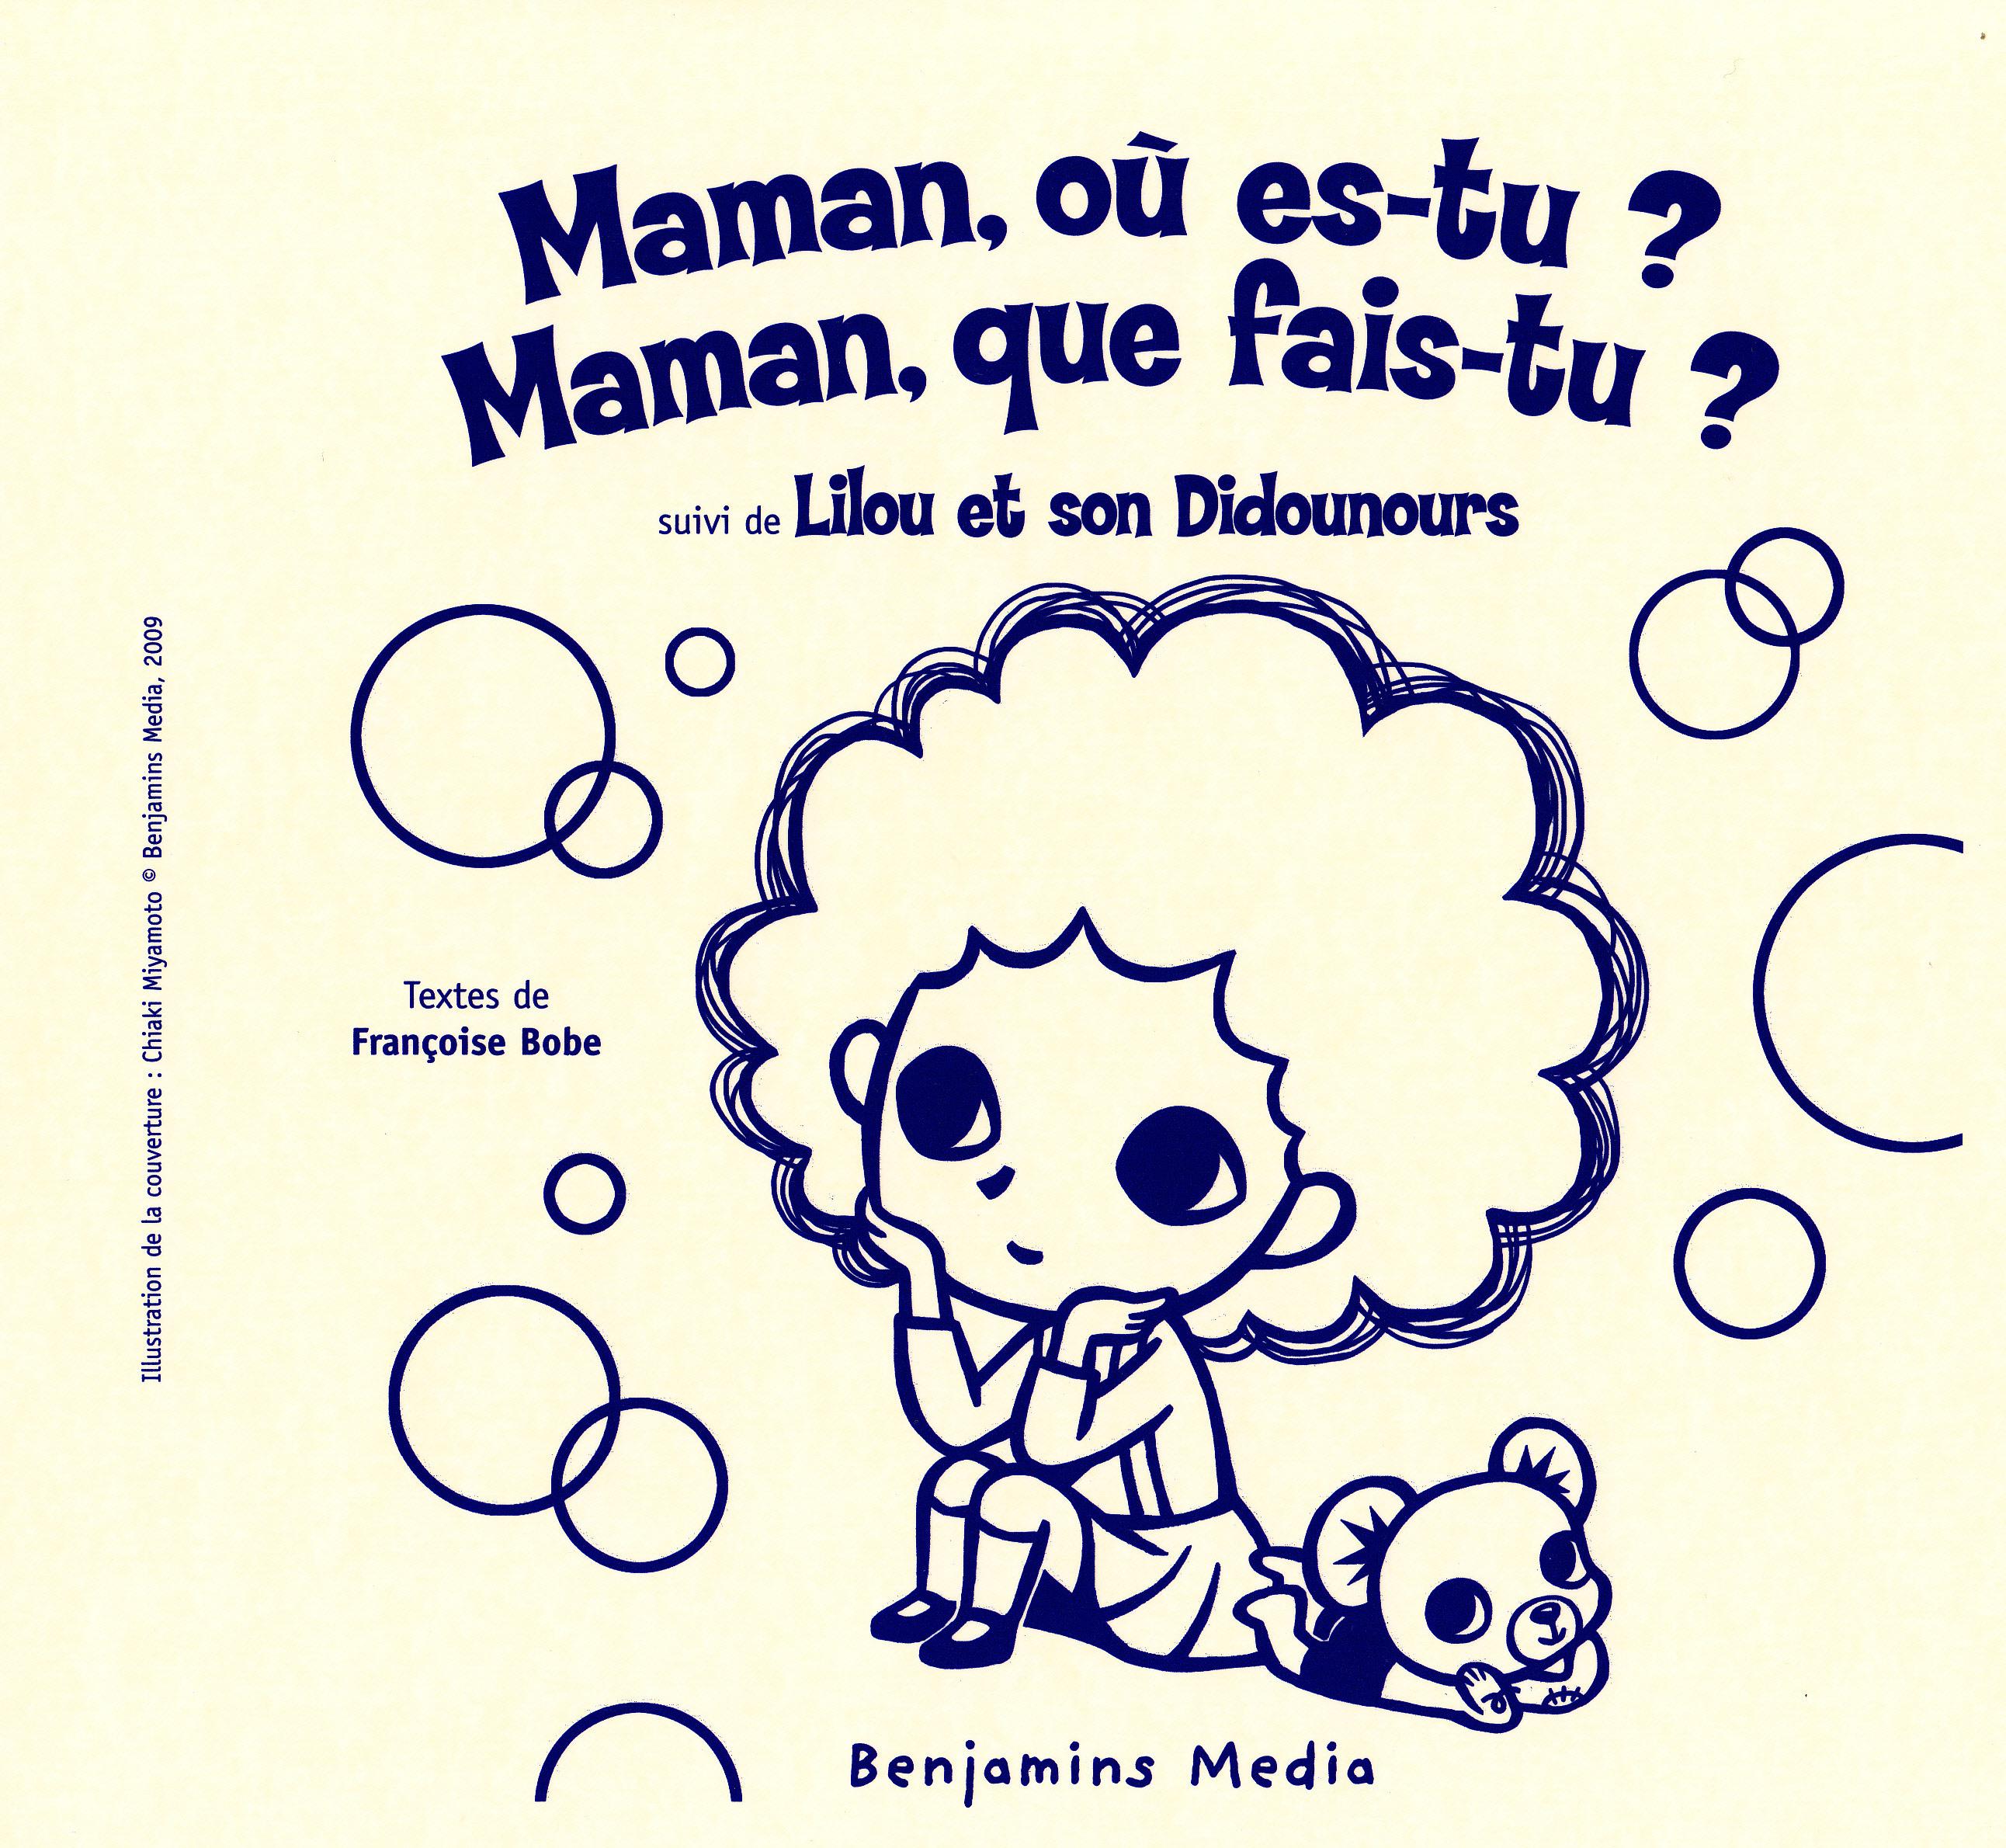 MAMAN, OU ES-TU ? MAMAN, QUE FAIS-TU ? (+CD +BRAILLE/GK)